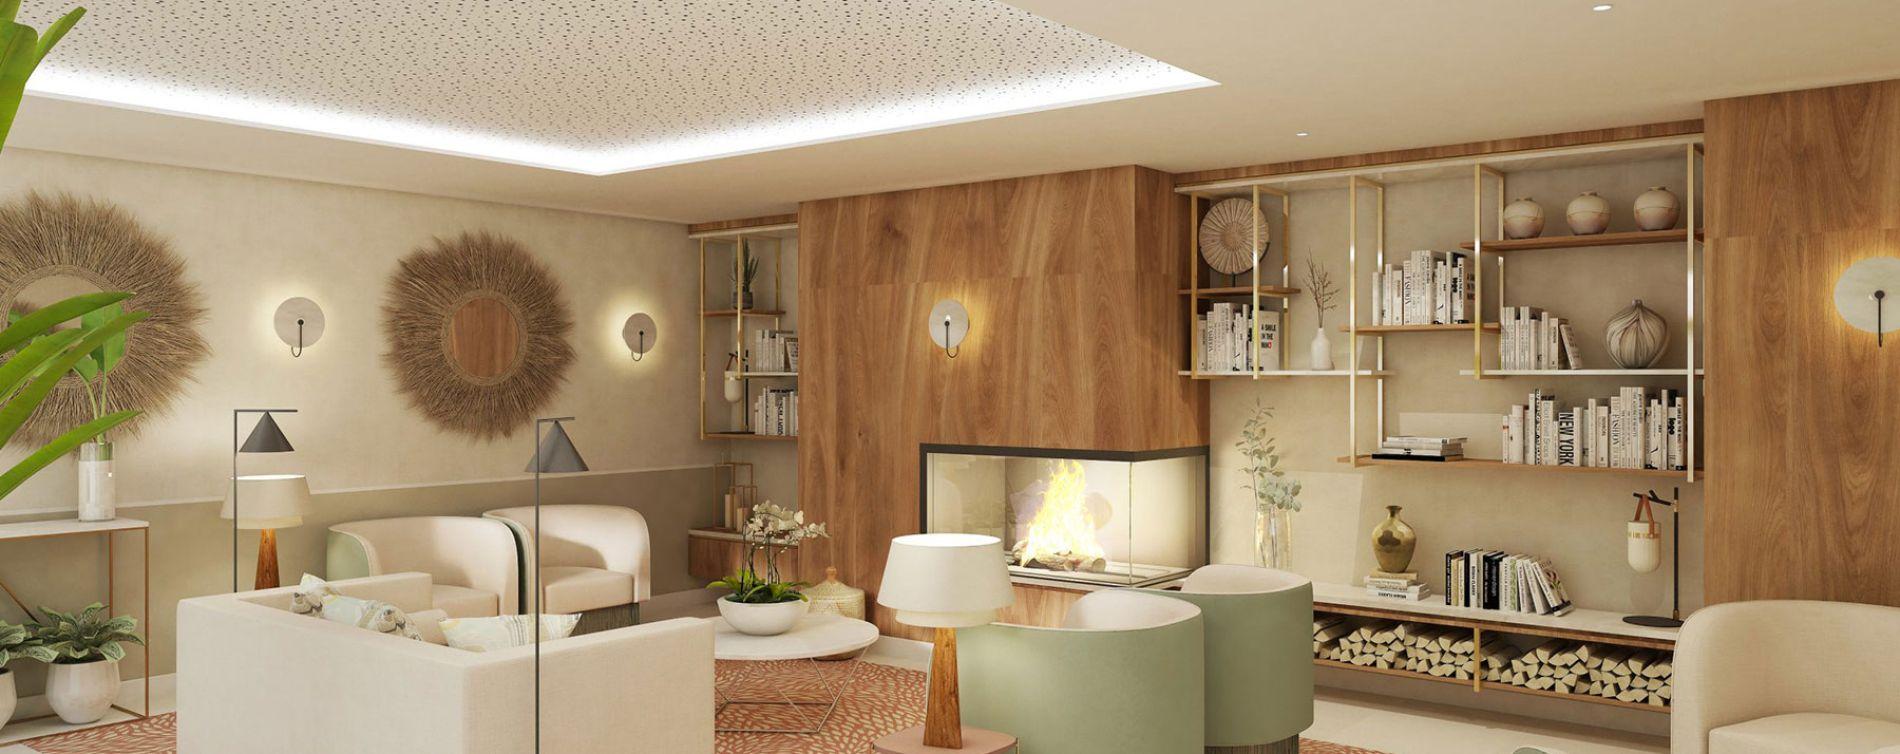 Romainville : programme immobilier neuve « Villa Saint-Germain » (2)